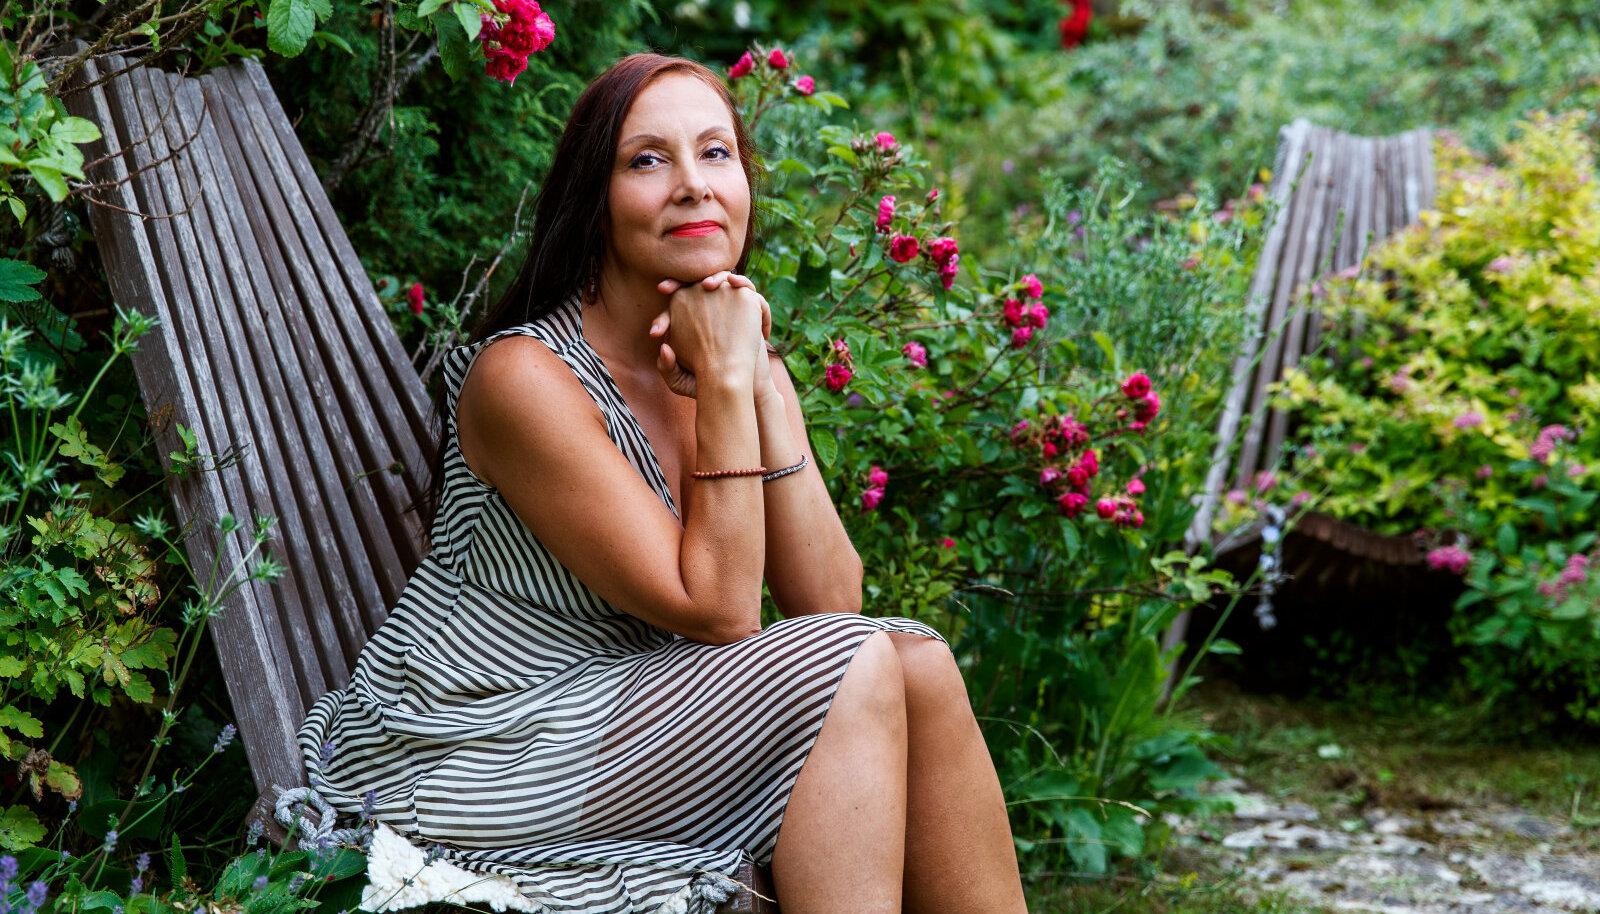 Psühholoog ja ajurveeda praktik Mirjam Hakkaja soovitab nautida hetki, kui saab lihtsalt olla ega pea midagi tegema.